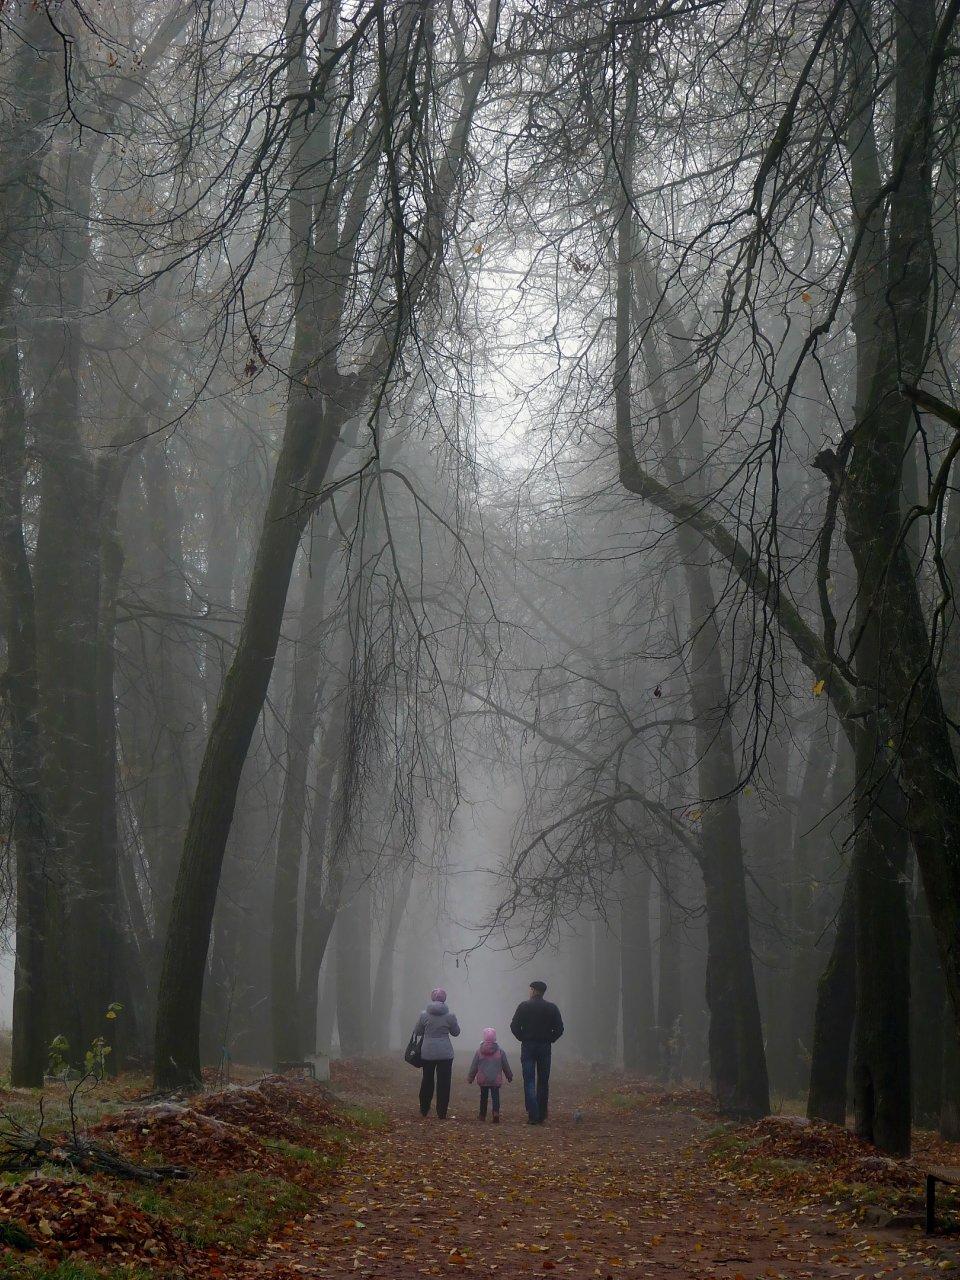 Туманная аллея#бежецк #деревья #конкурс #липы #листопад #октябрь #осень #прогулка #семья #туман #утро